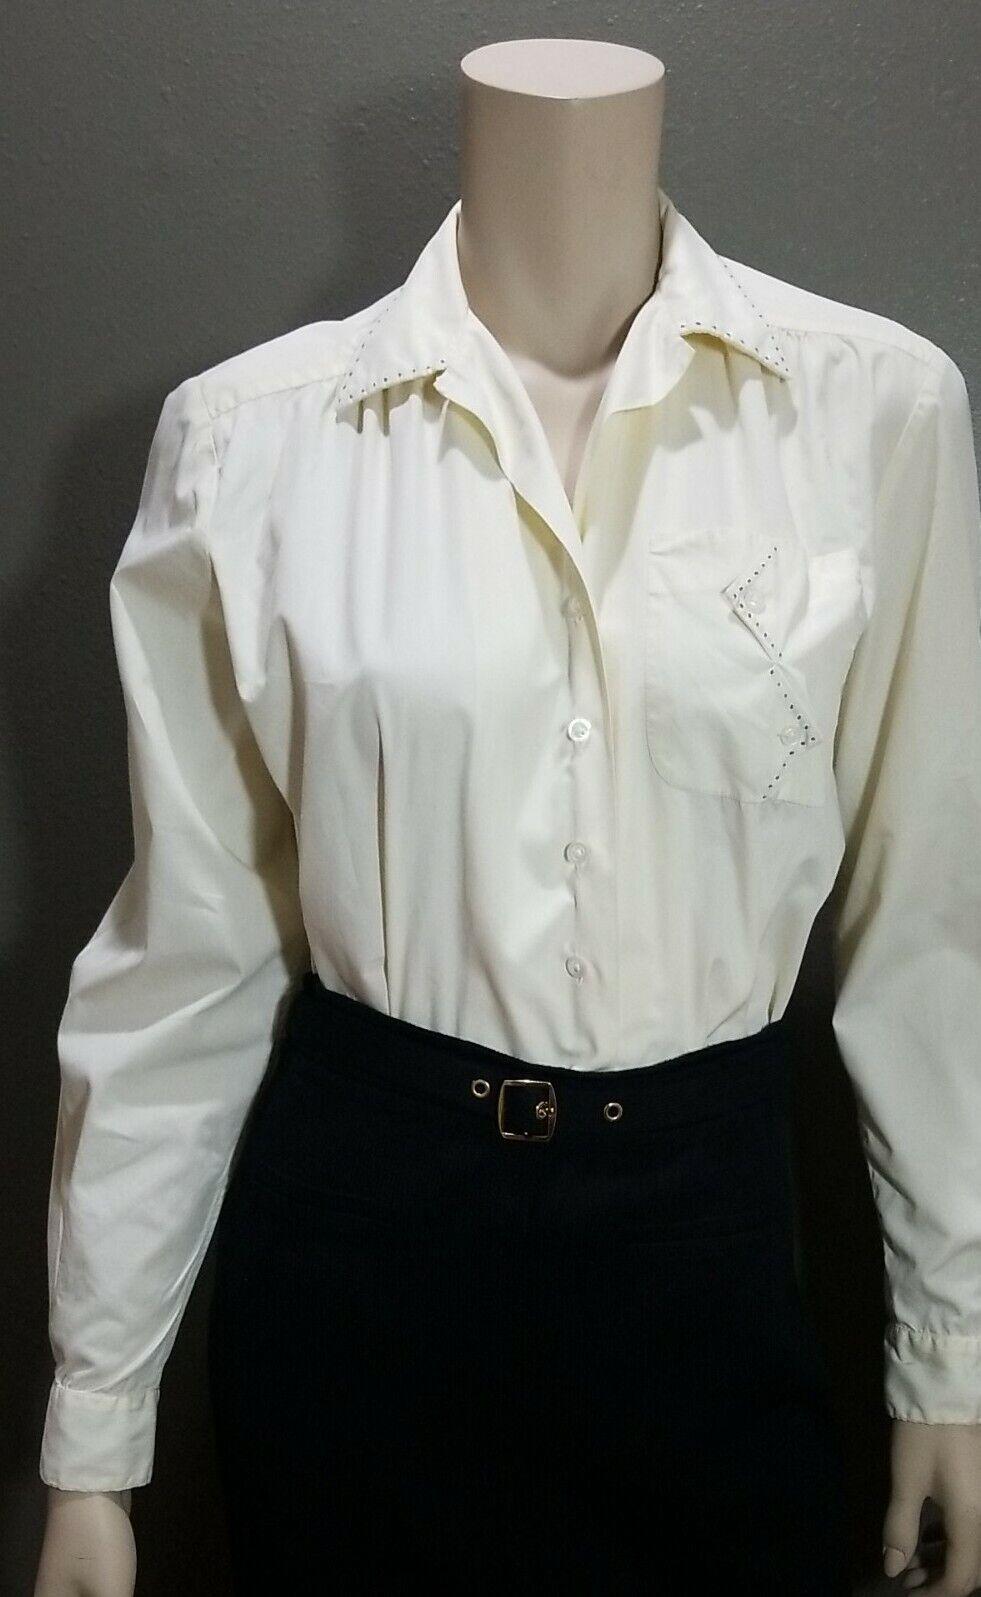 (M) ART DECO True Vintage 1940s Women's Cotton Blouse Off White RARE Find